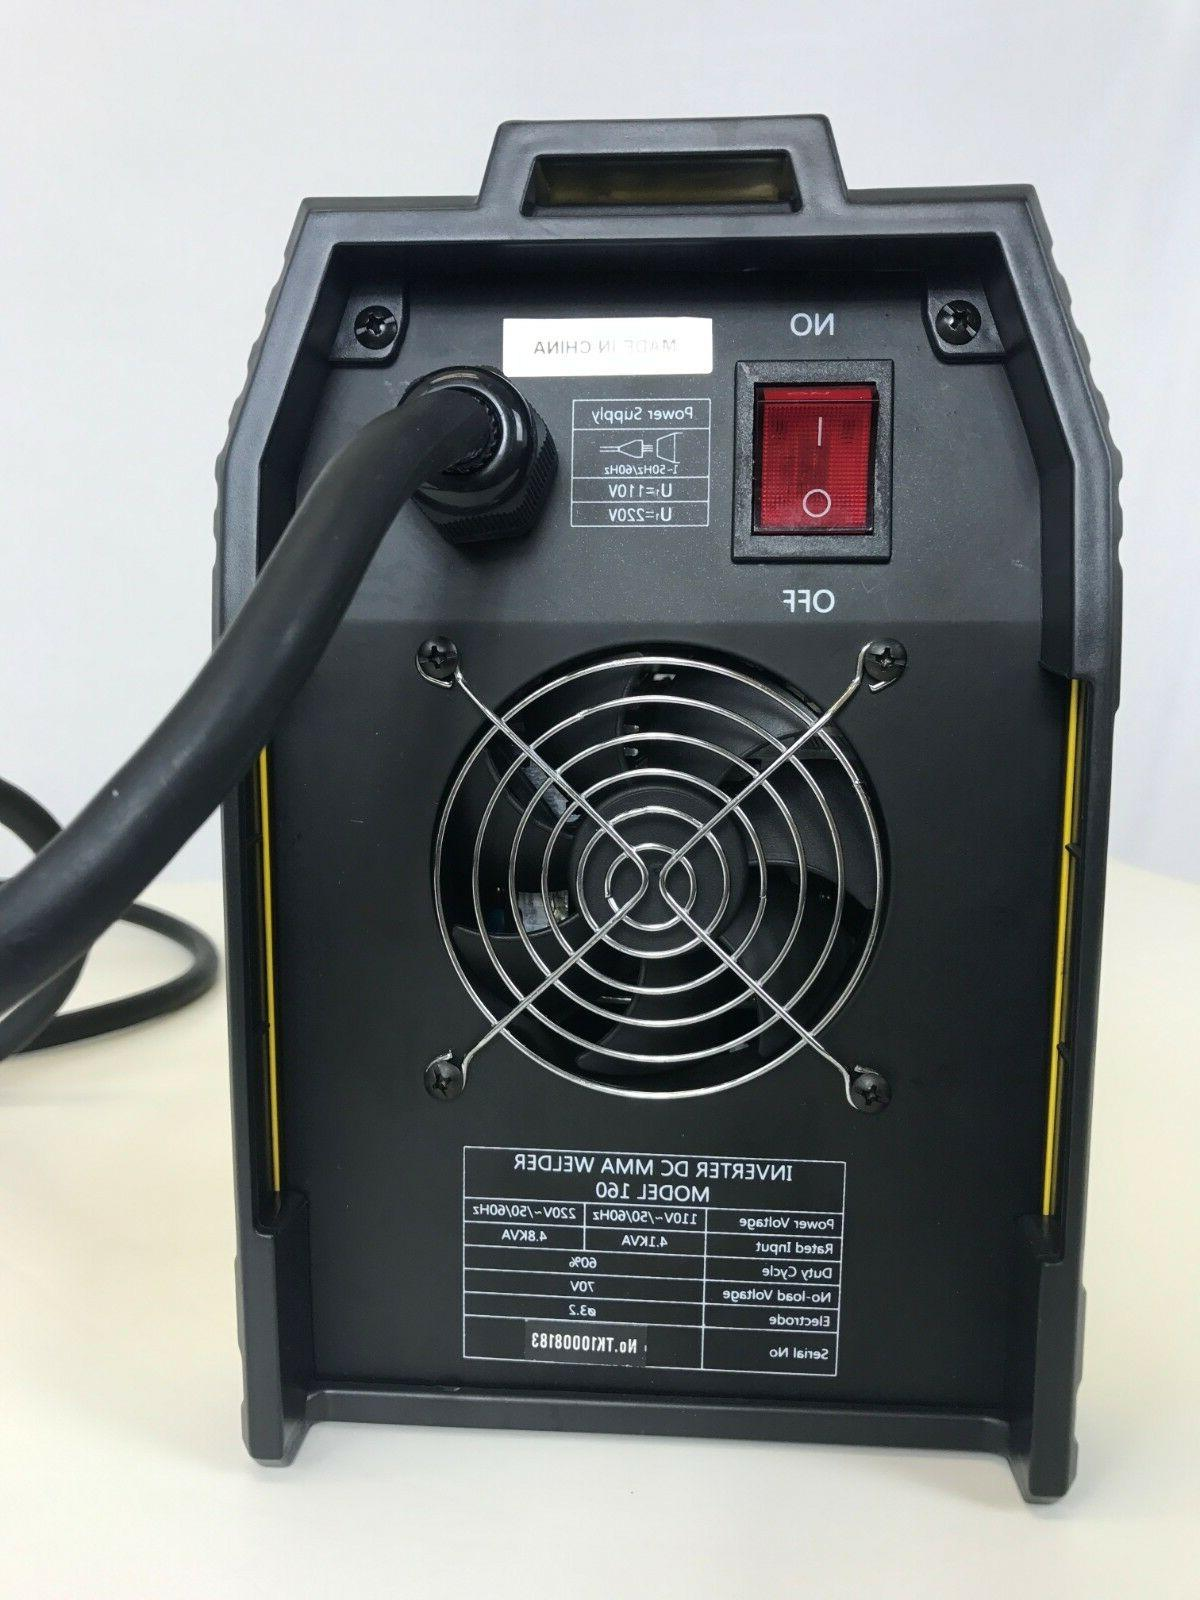 Acrossing & Dual Voltage Welding